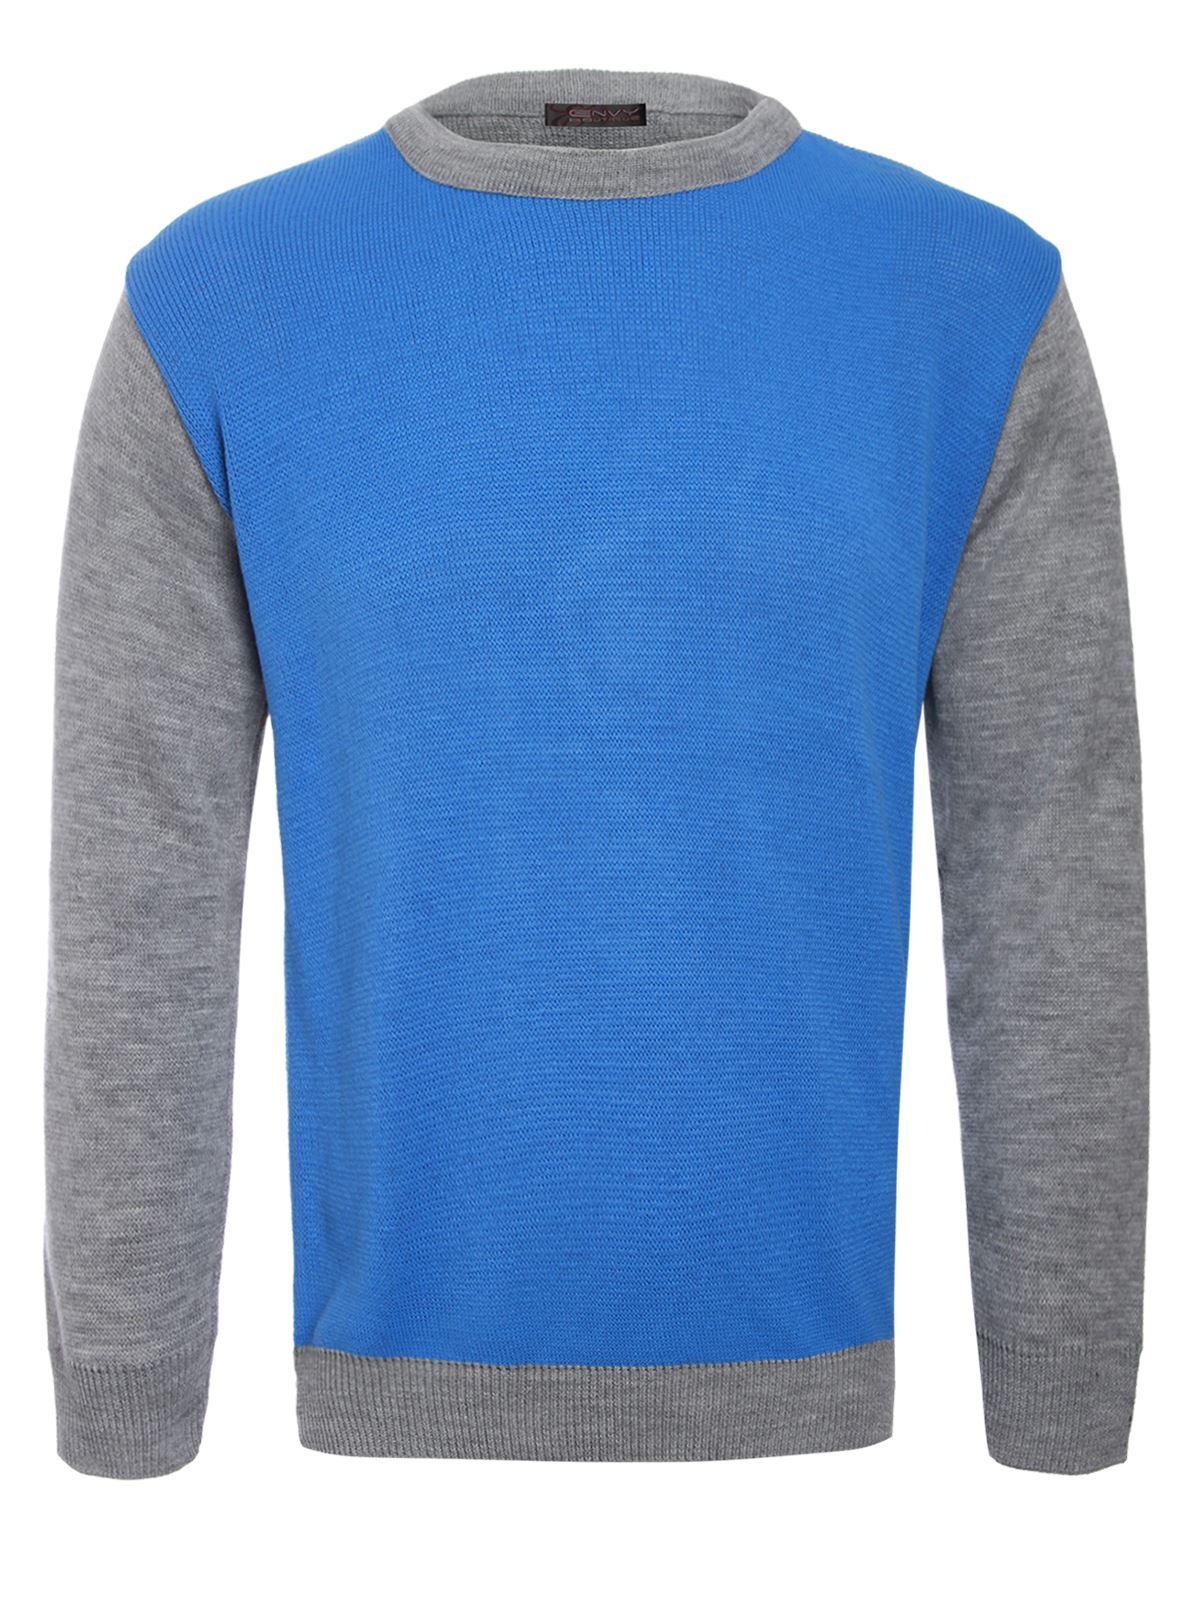 Knitting Pattern Mens Crew Neck Jumper : Mens Basic Crew Neck Knitted Jumper Soft Knit Pullover Sweater